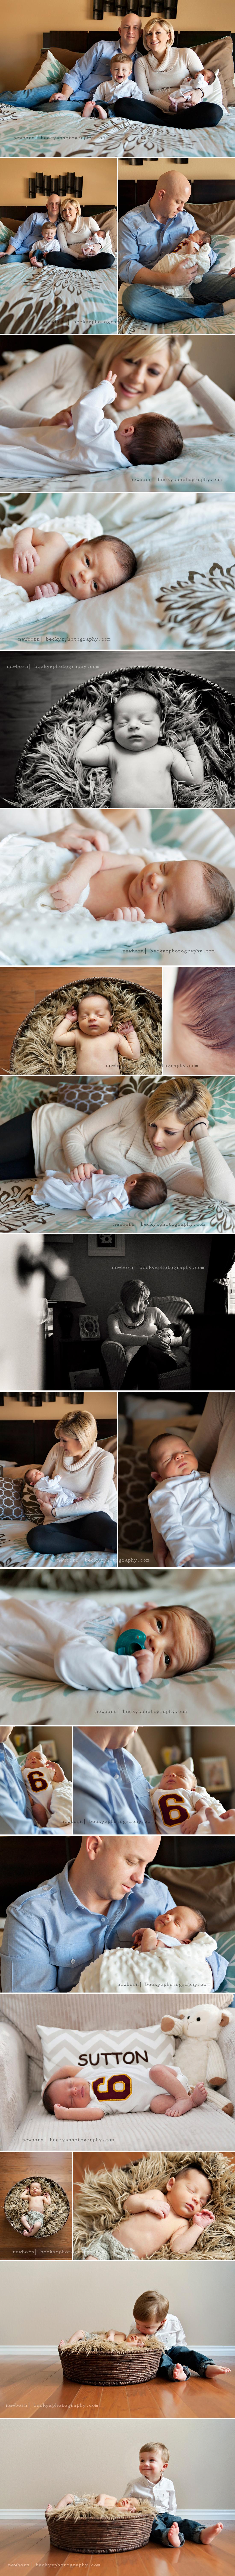 8497368089 aa3a5927d1 o Sutton | McKinney Newborn Photographer